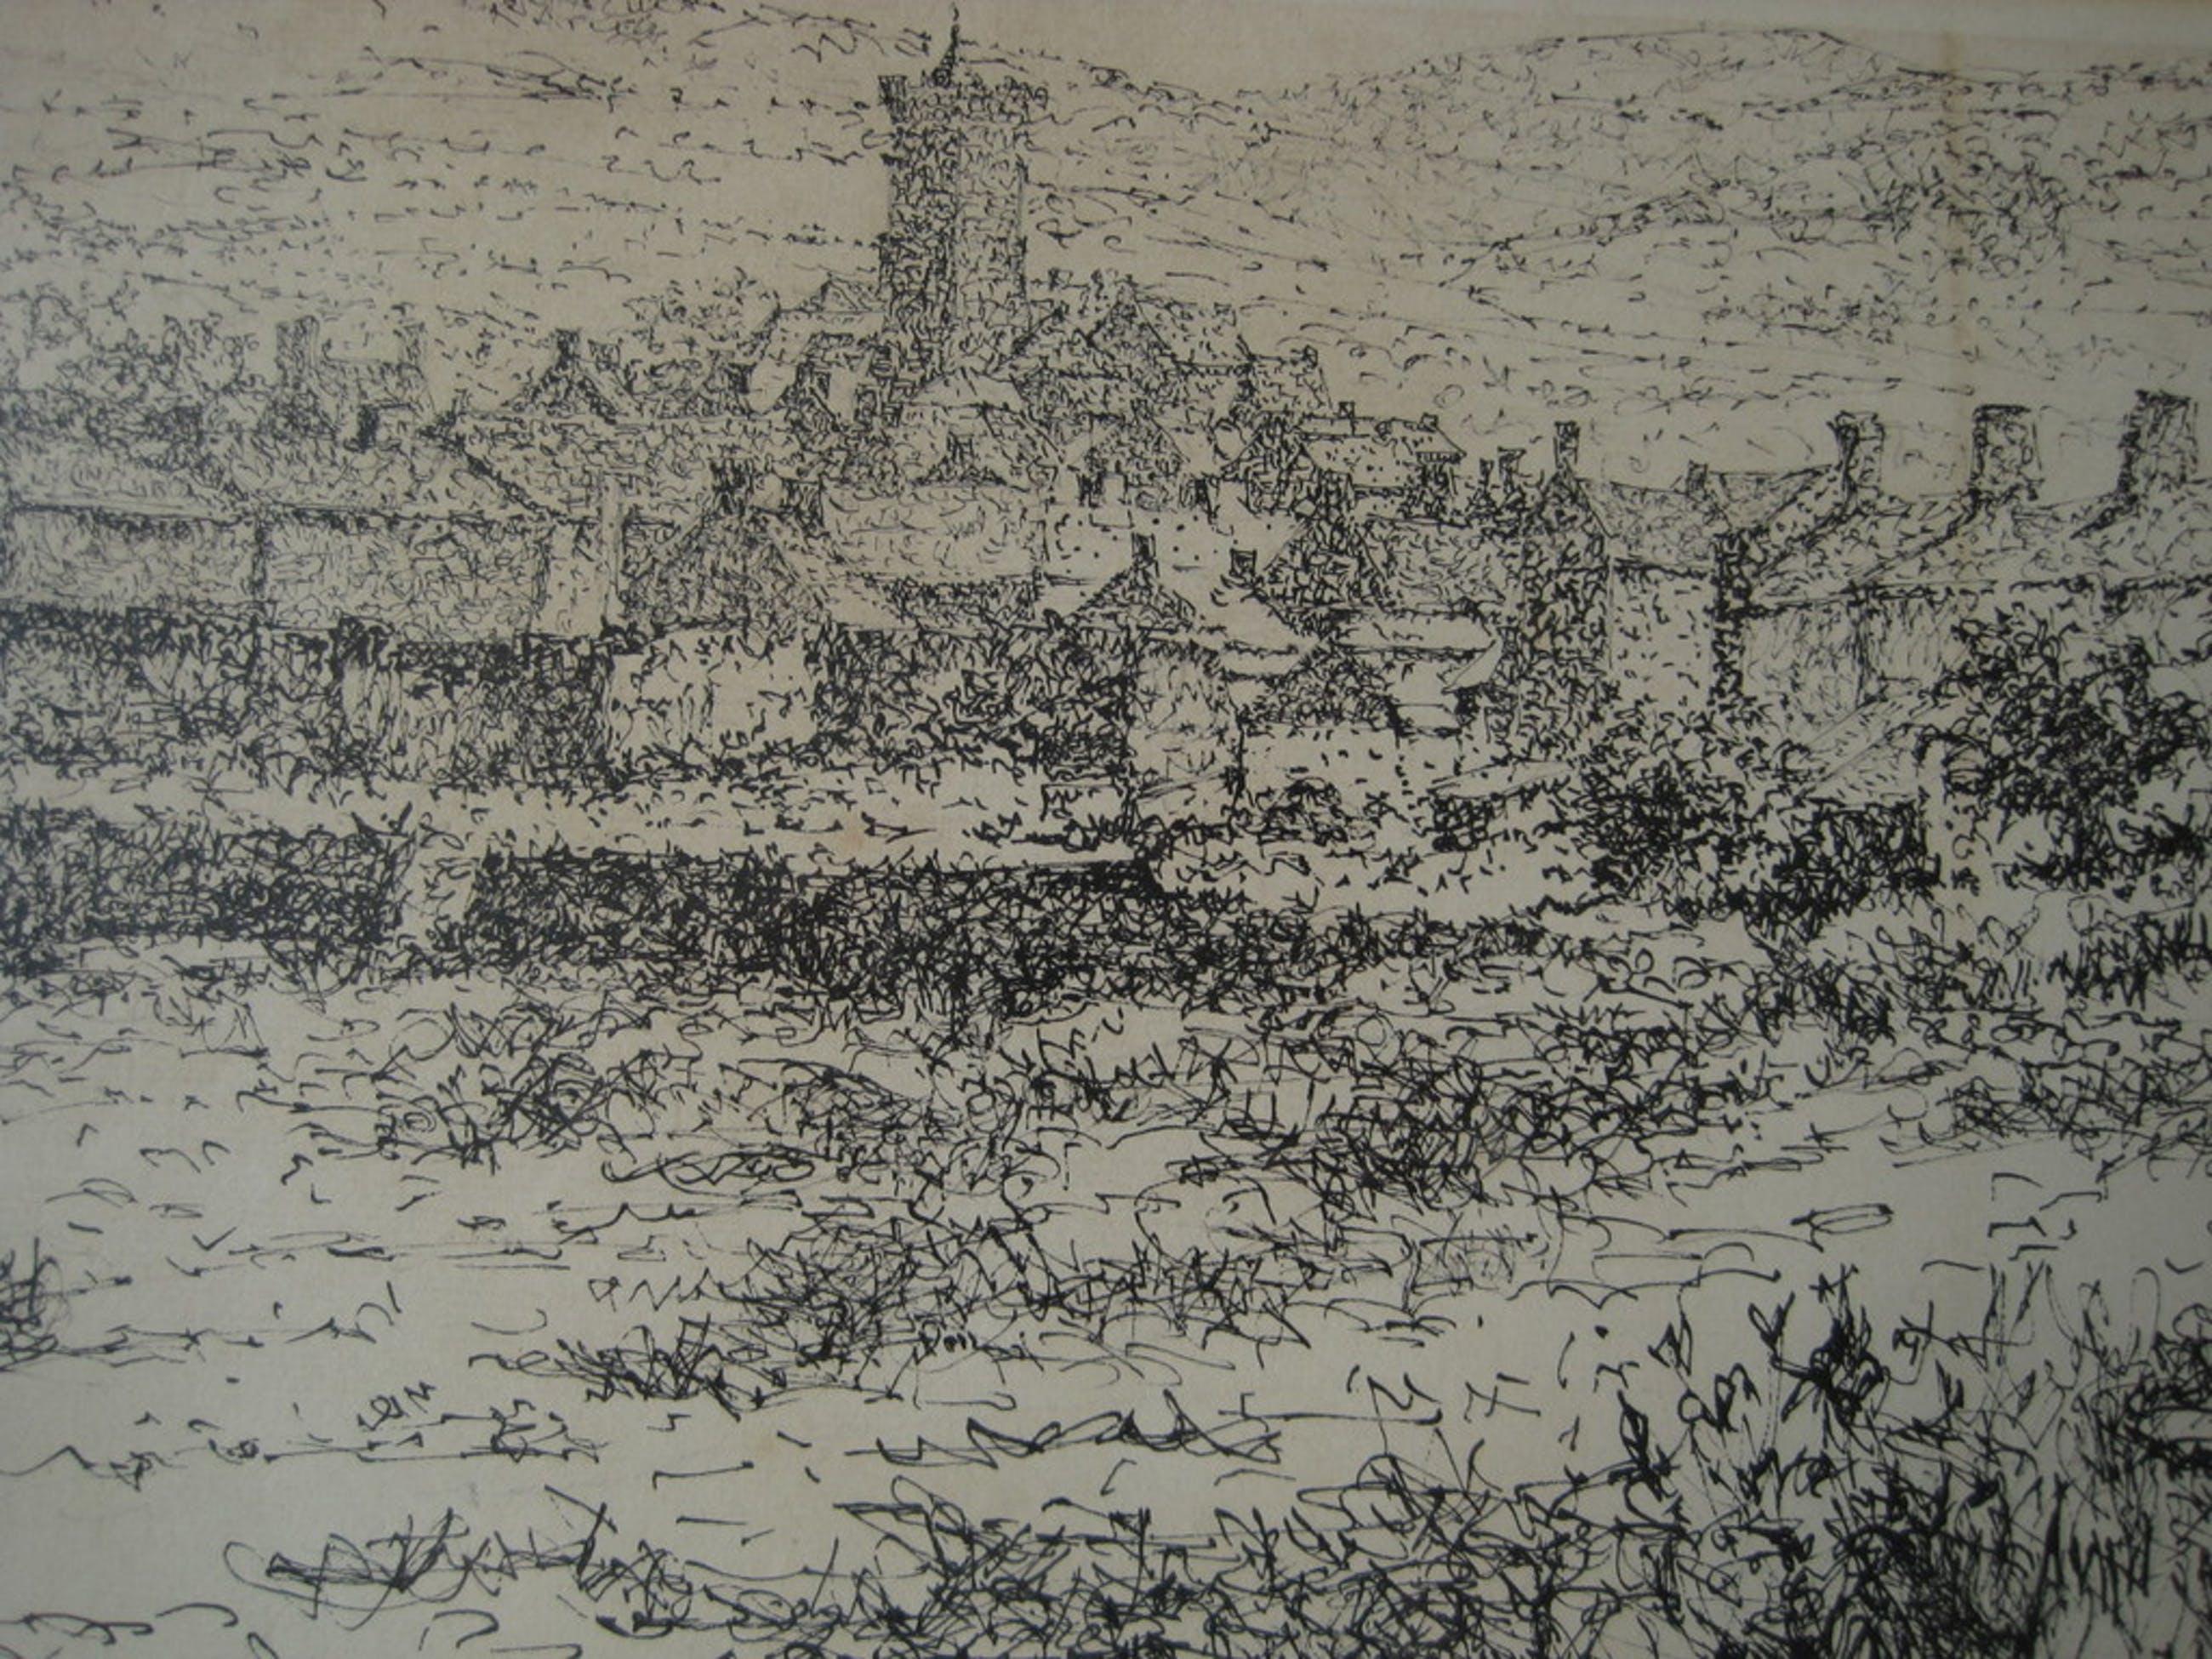 Willem Minderman 1910-1985 oostind inkt tekening  kopen? Bied vanaf 25!